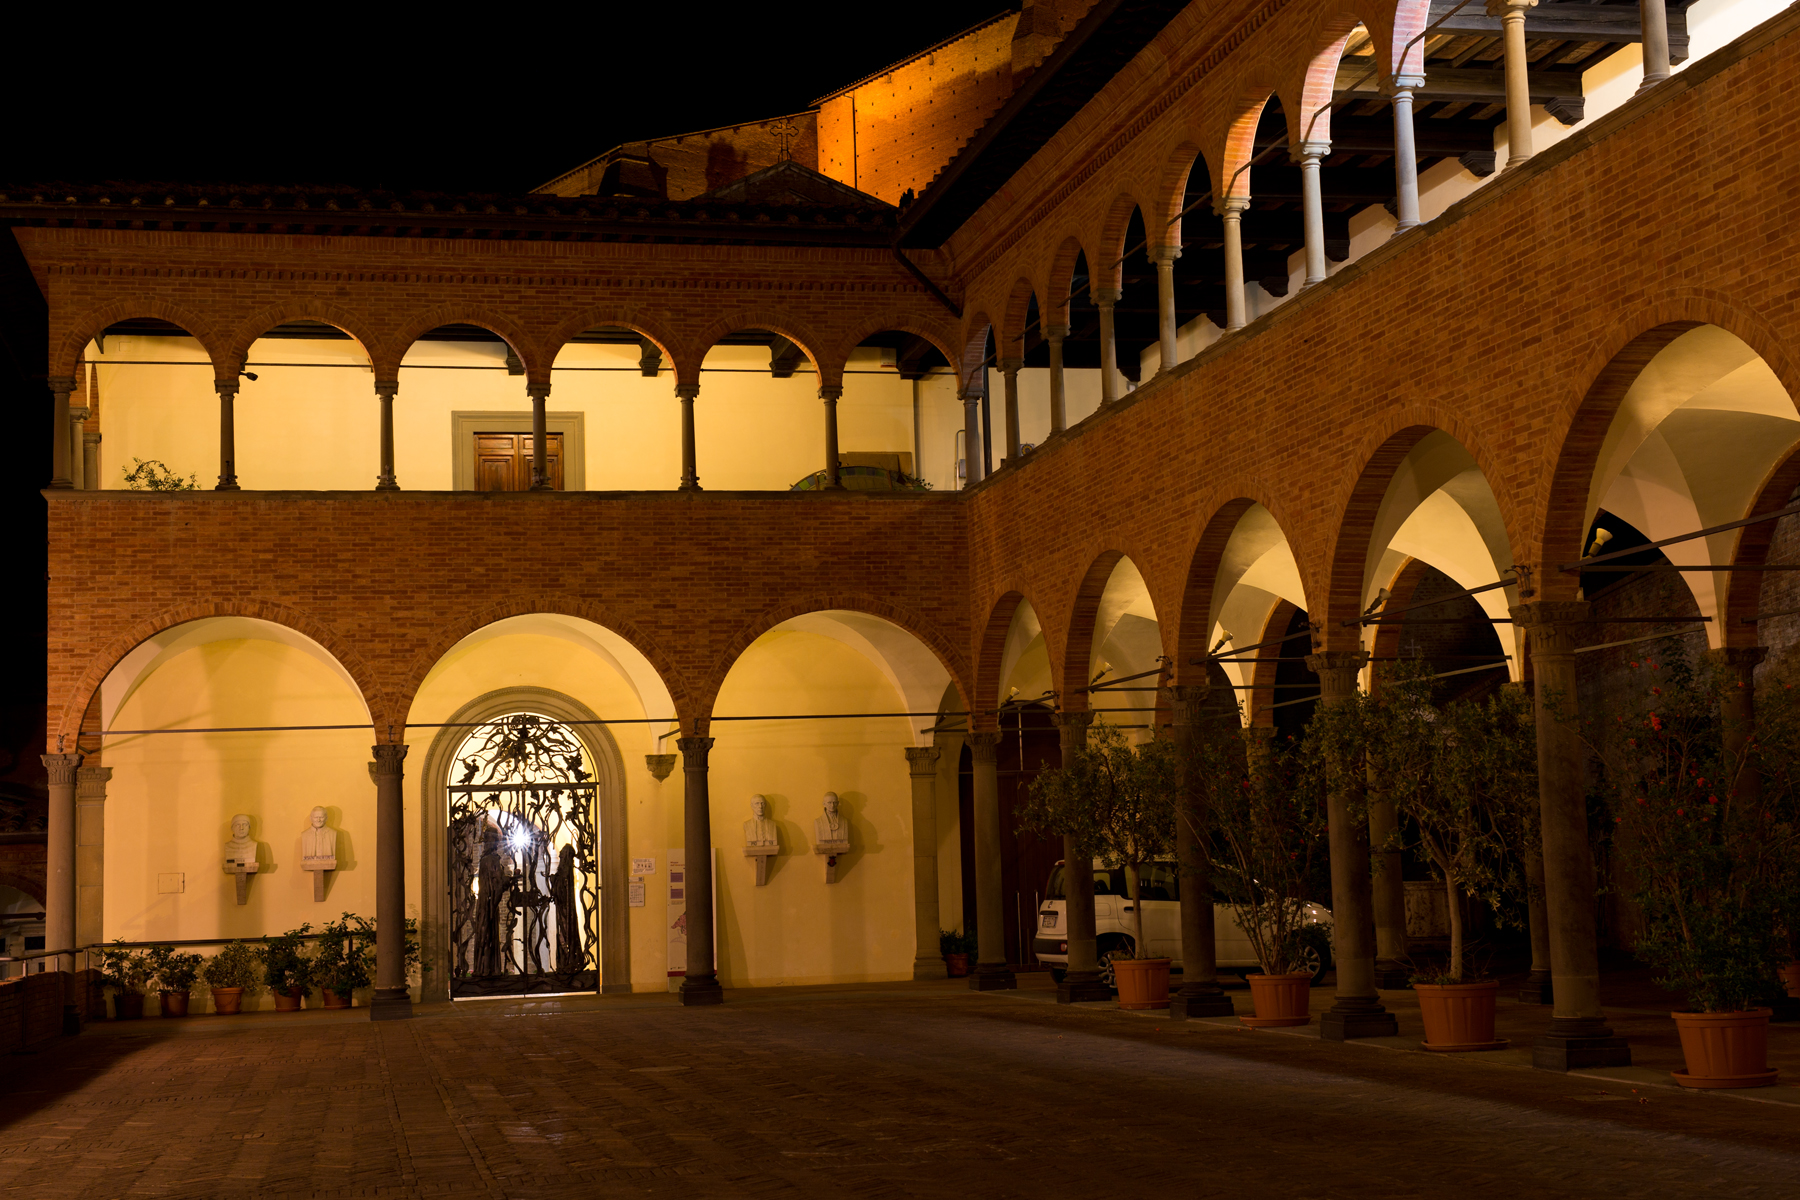 Santuario di Santa Caterina